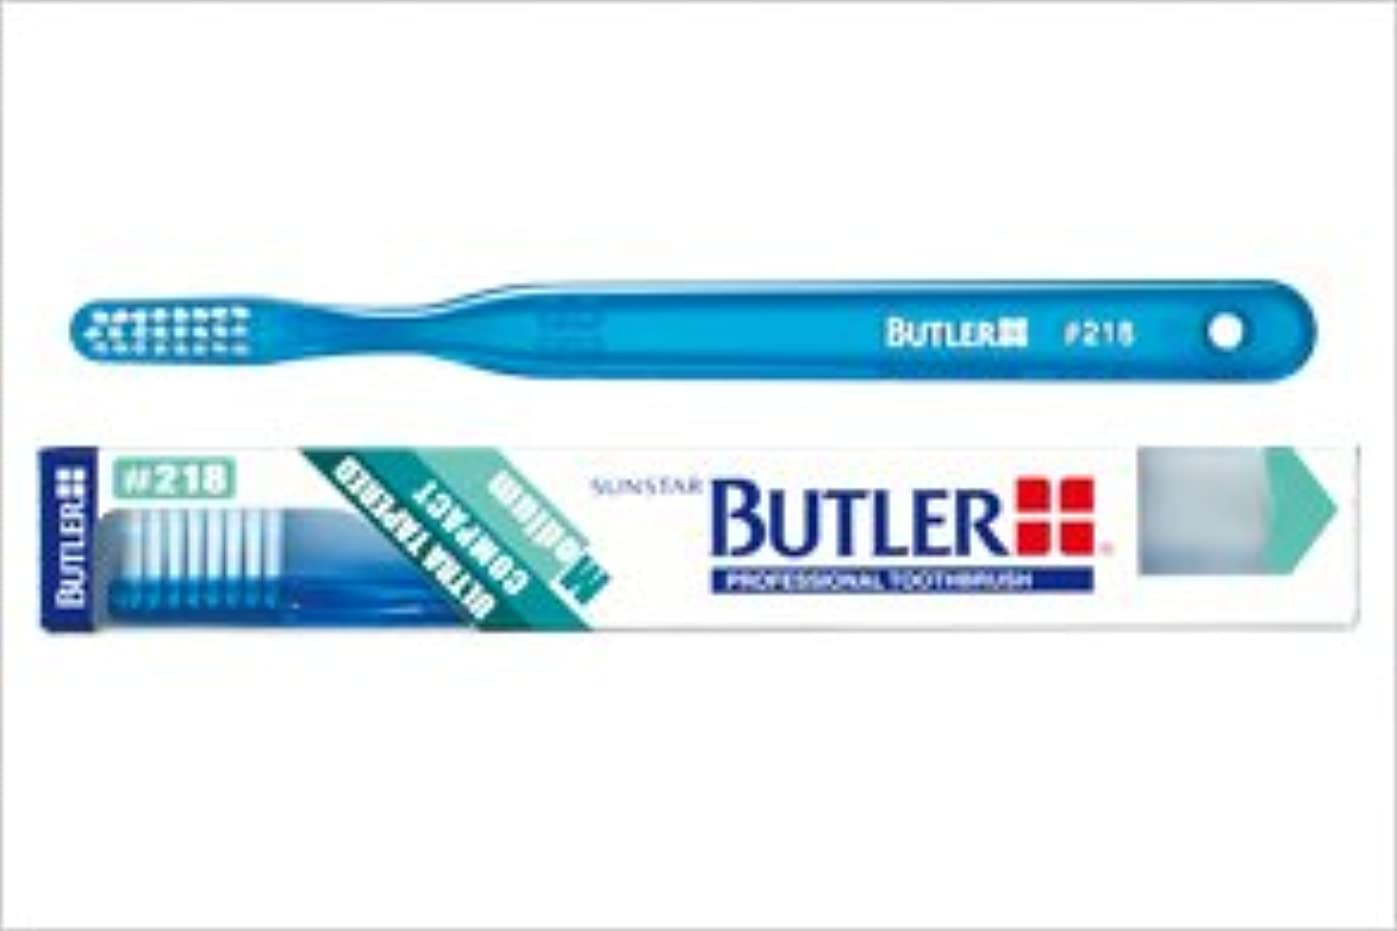 略奪国際薄めるサンスター/バトラー歯科用バトラー #218 12本 ふつうコンパクトヘッド 6色一般用(3列フラット)